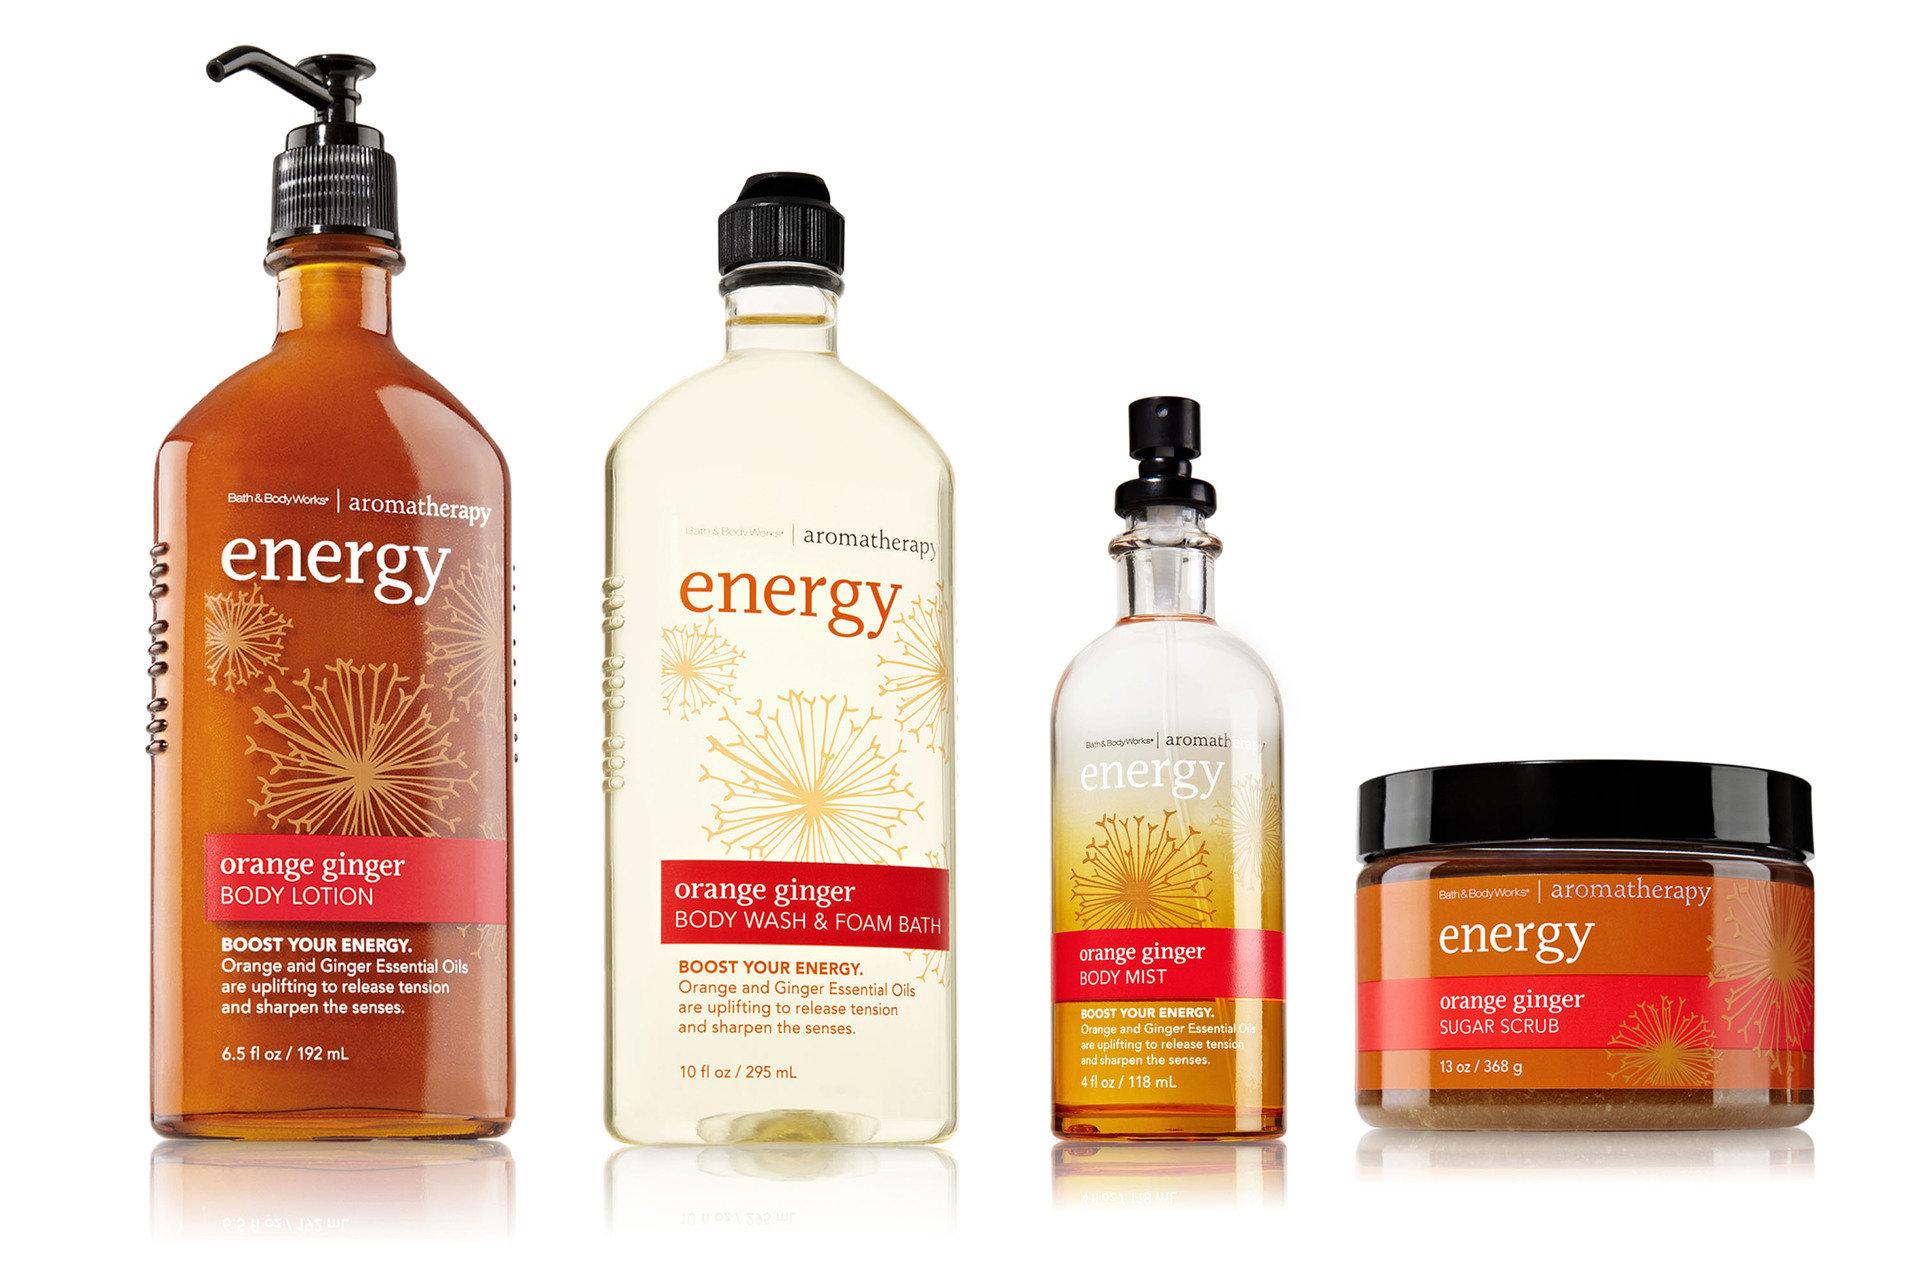 ZASTRZYK POZYTYWNEJ ENERGII –  KOLEKCJA ENERGY OD BATH&BODY WORKS